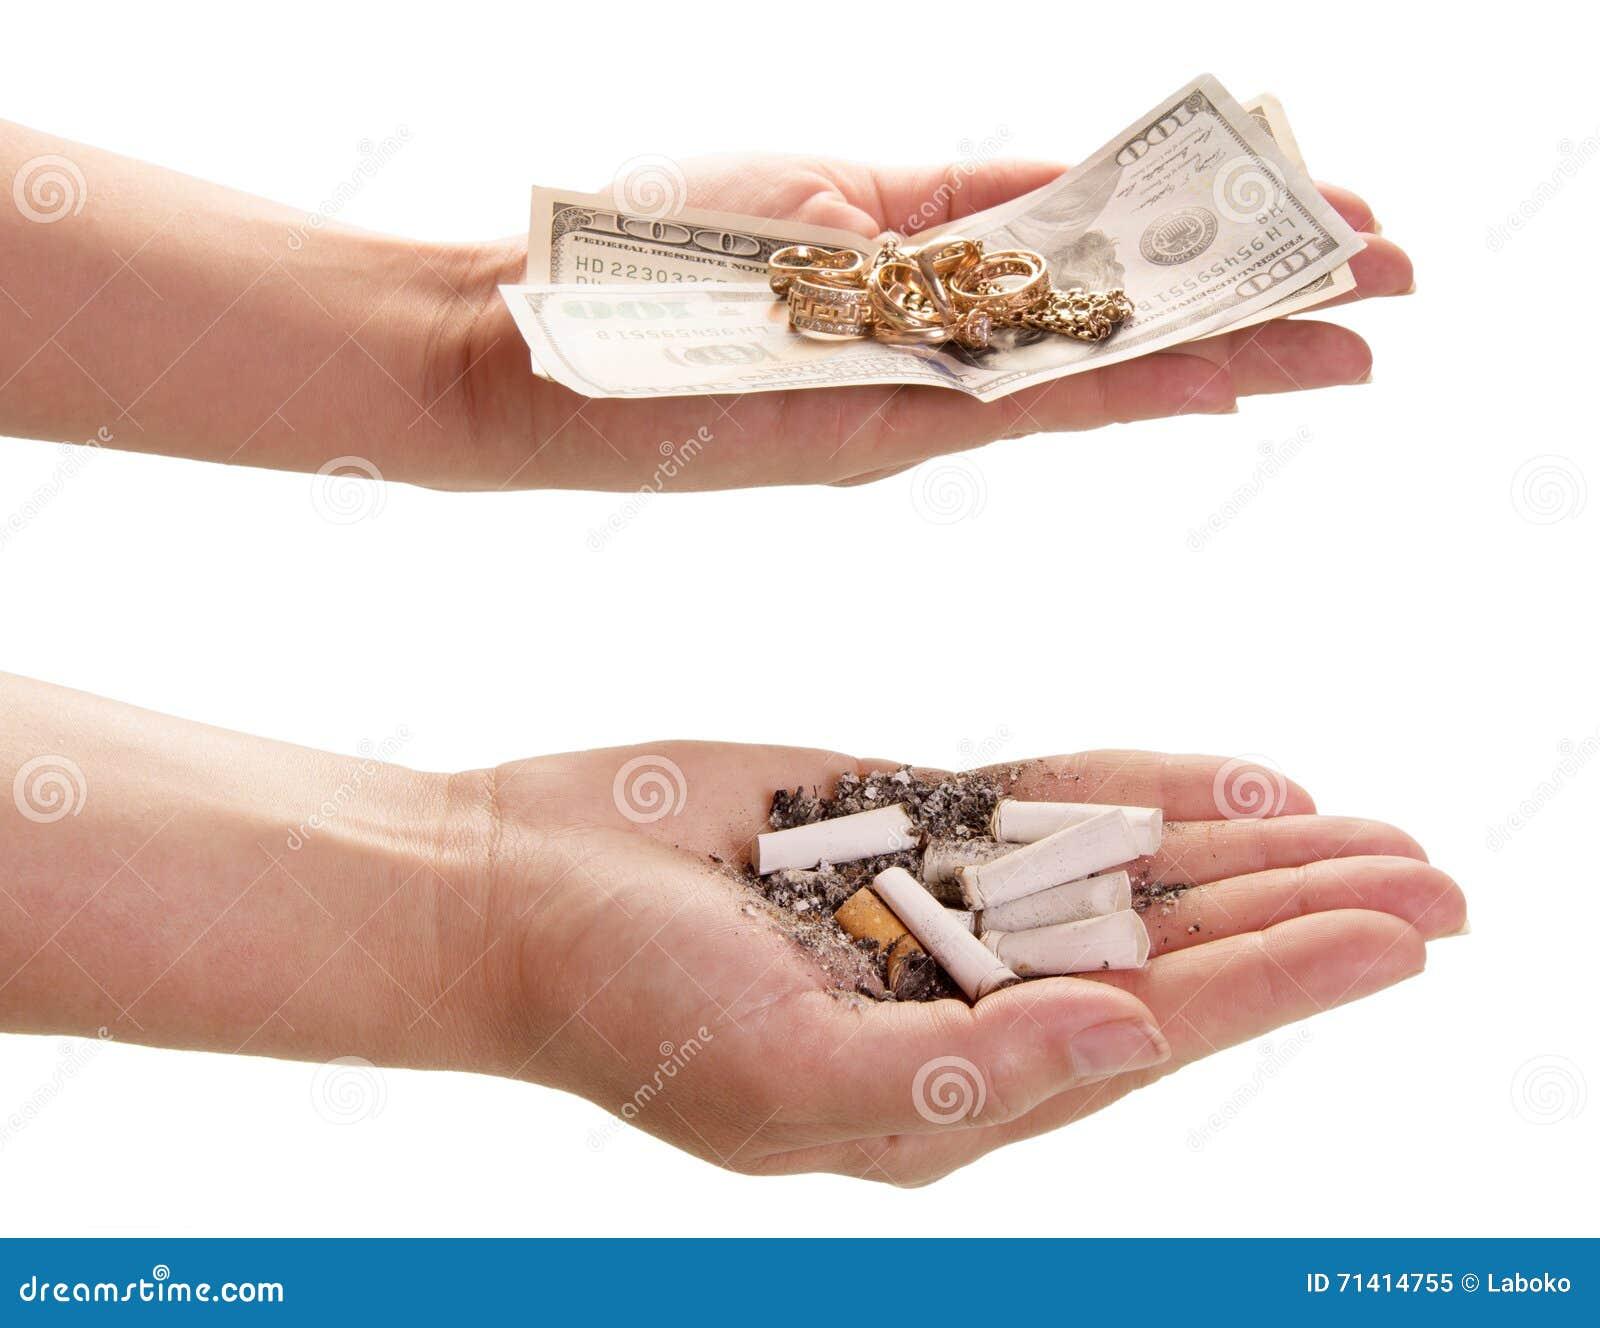 Fumo do preço Pontas de cigarro e dinheiro nas mãos